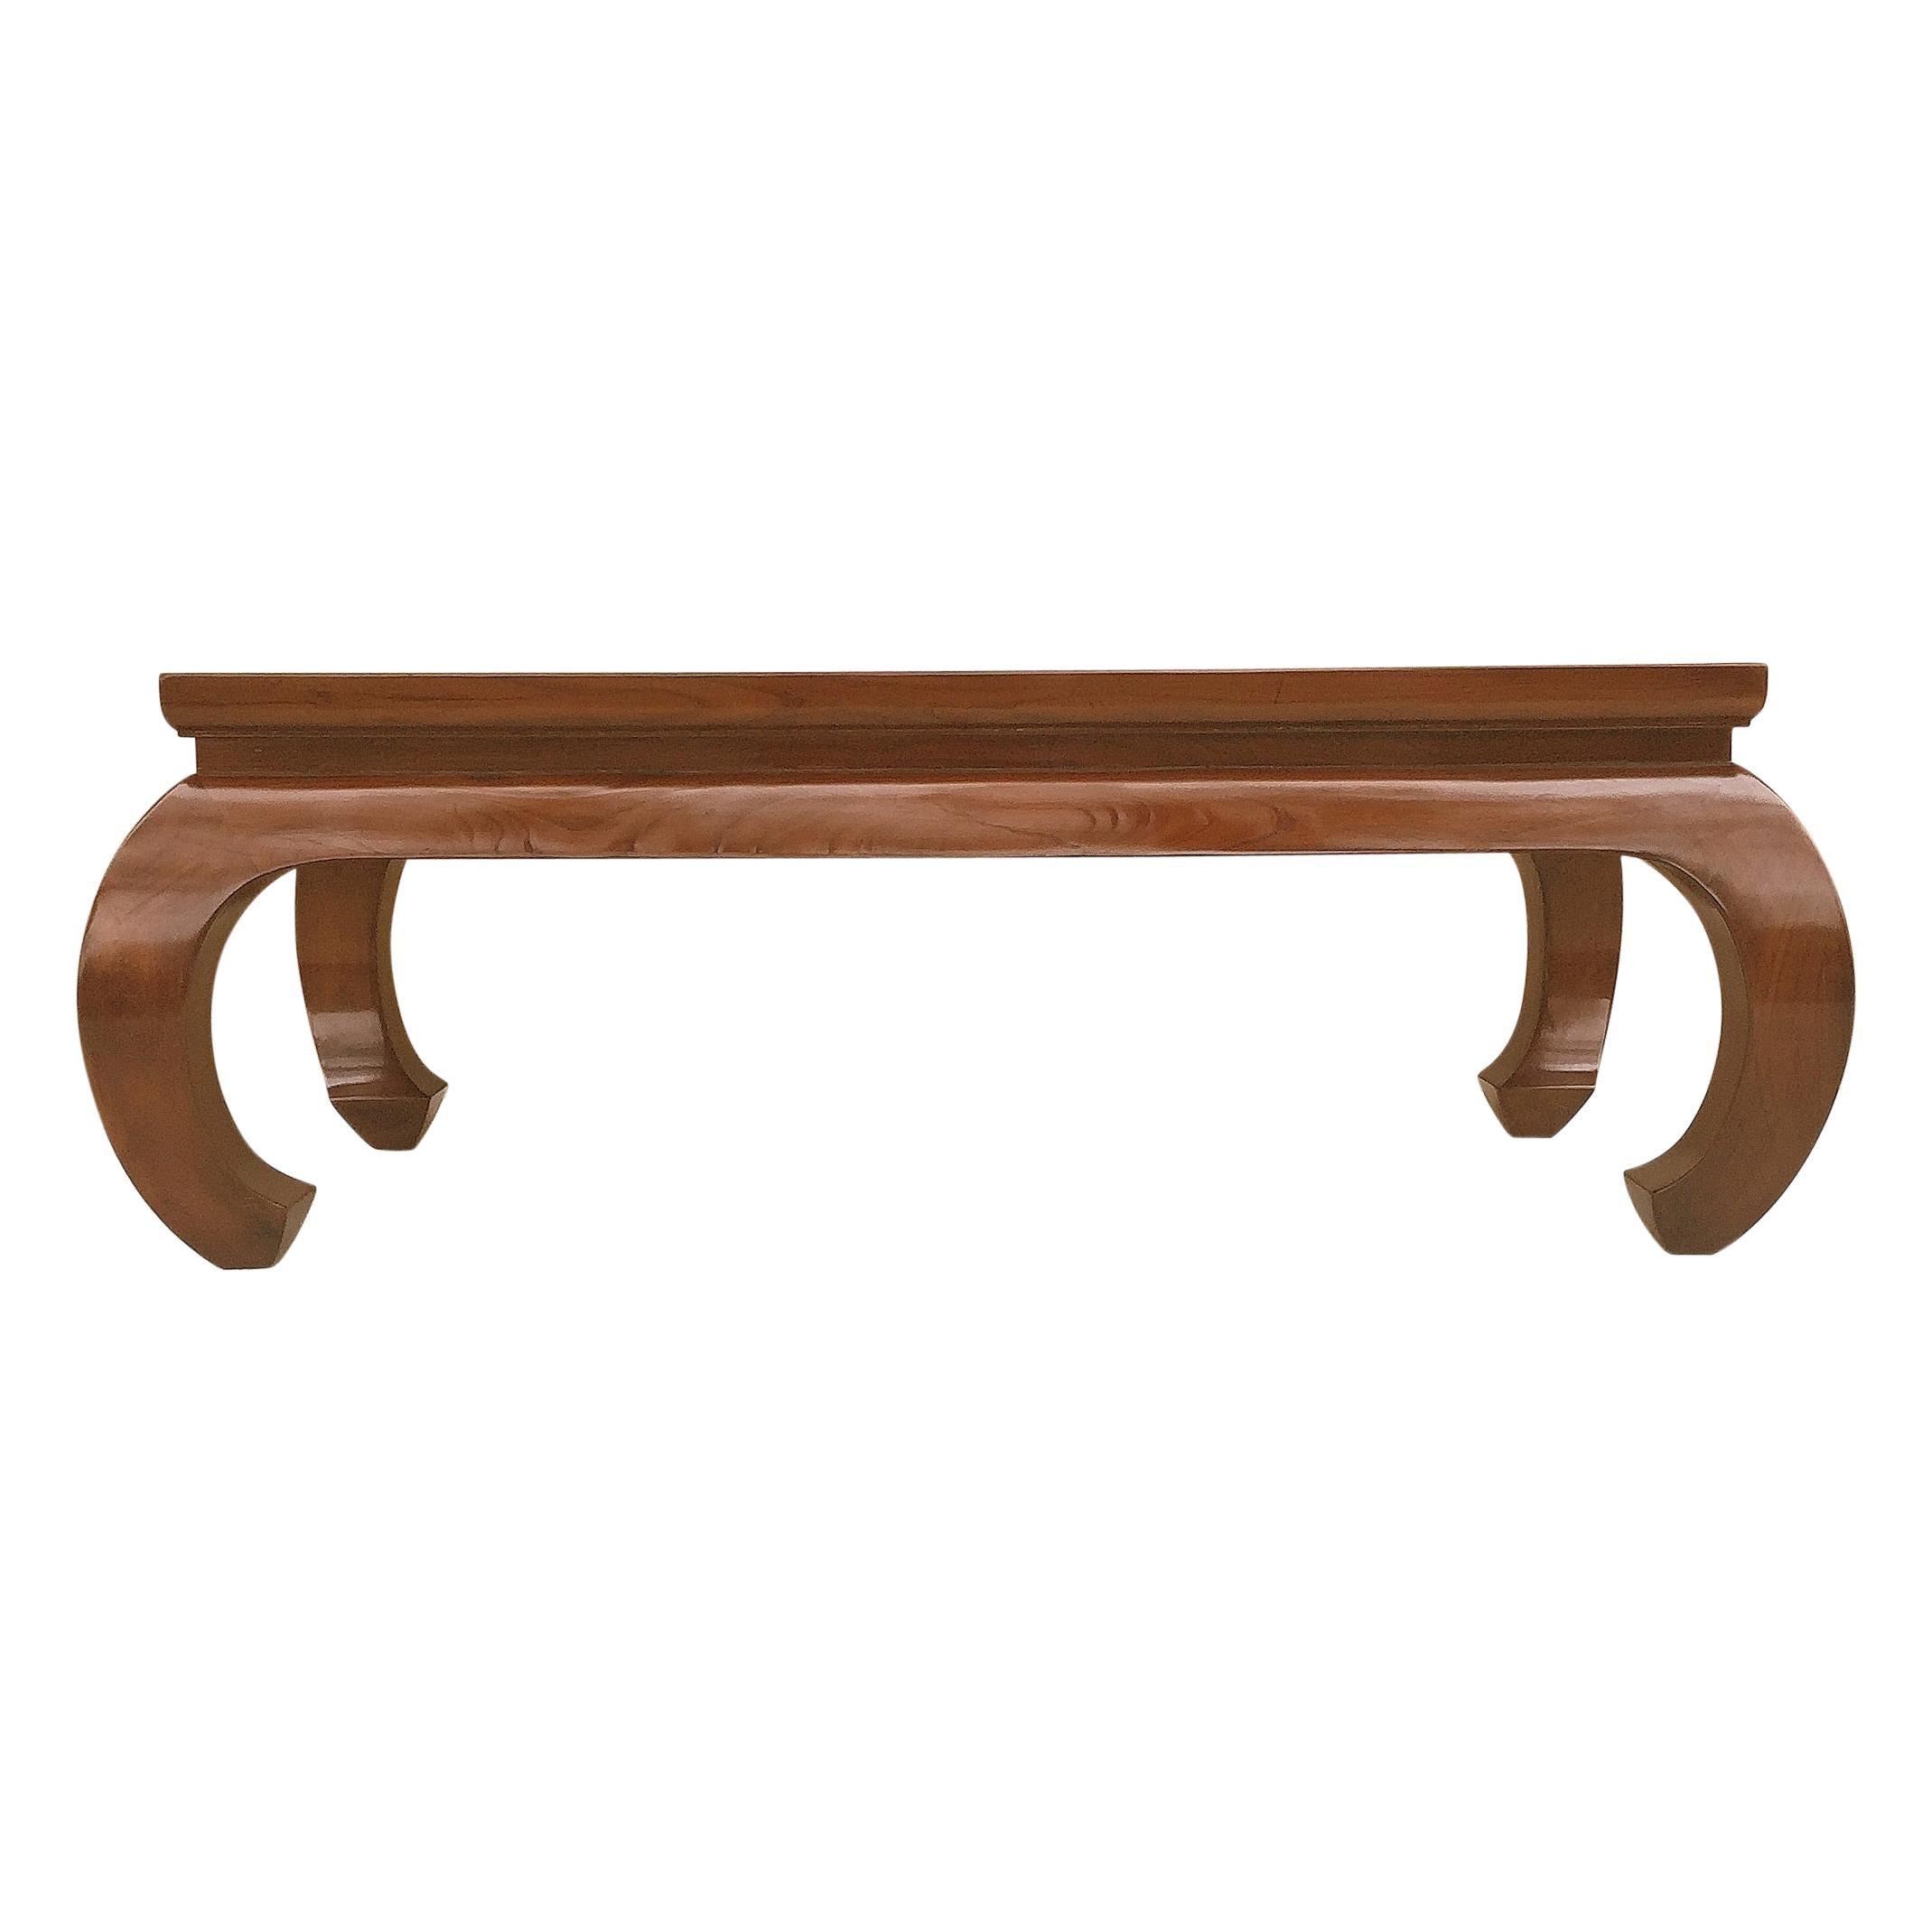 Fine Jumu Low Table